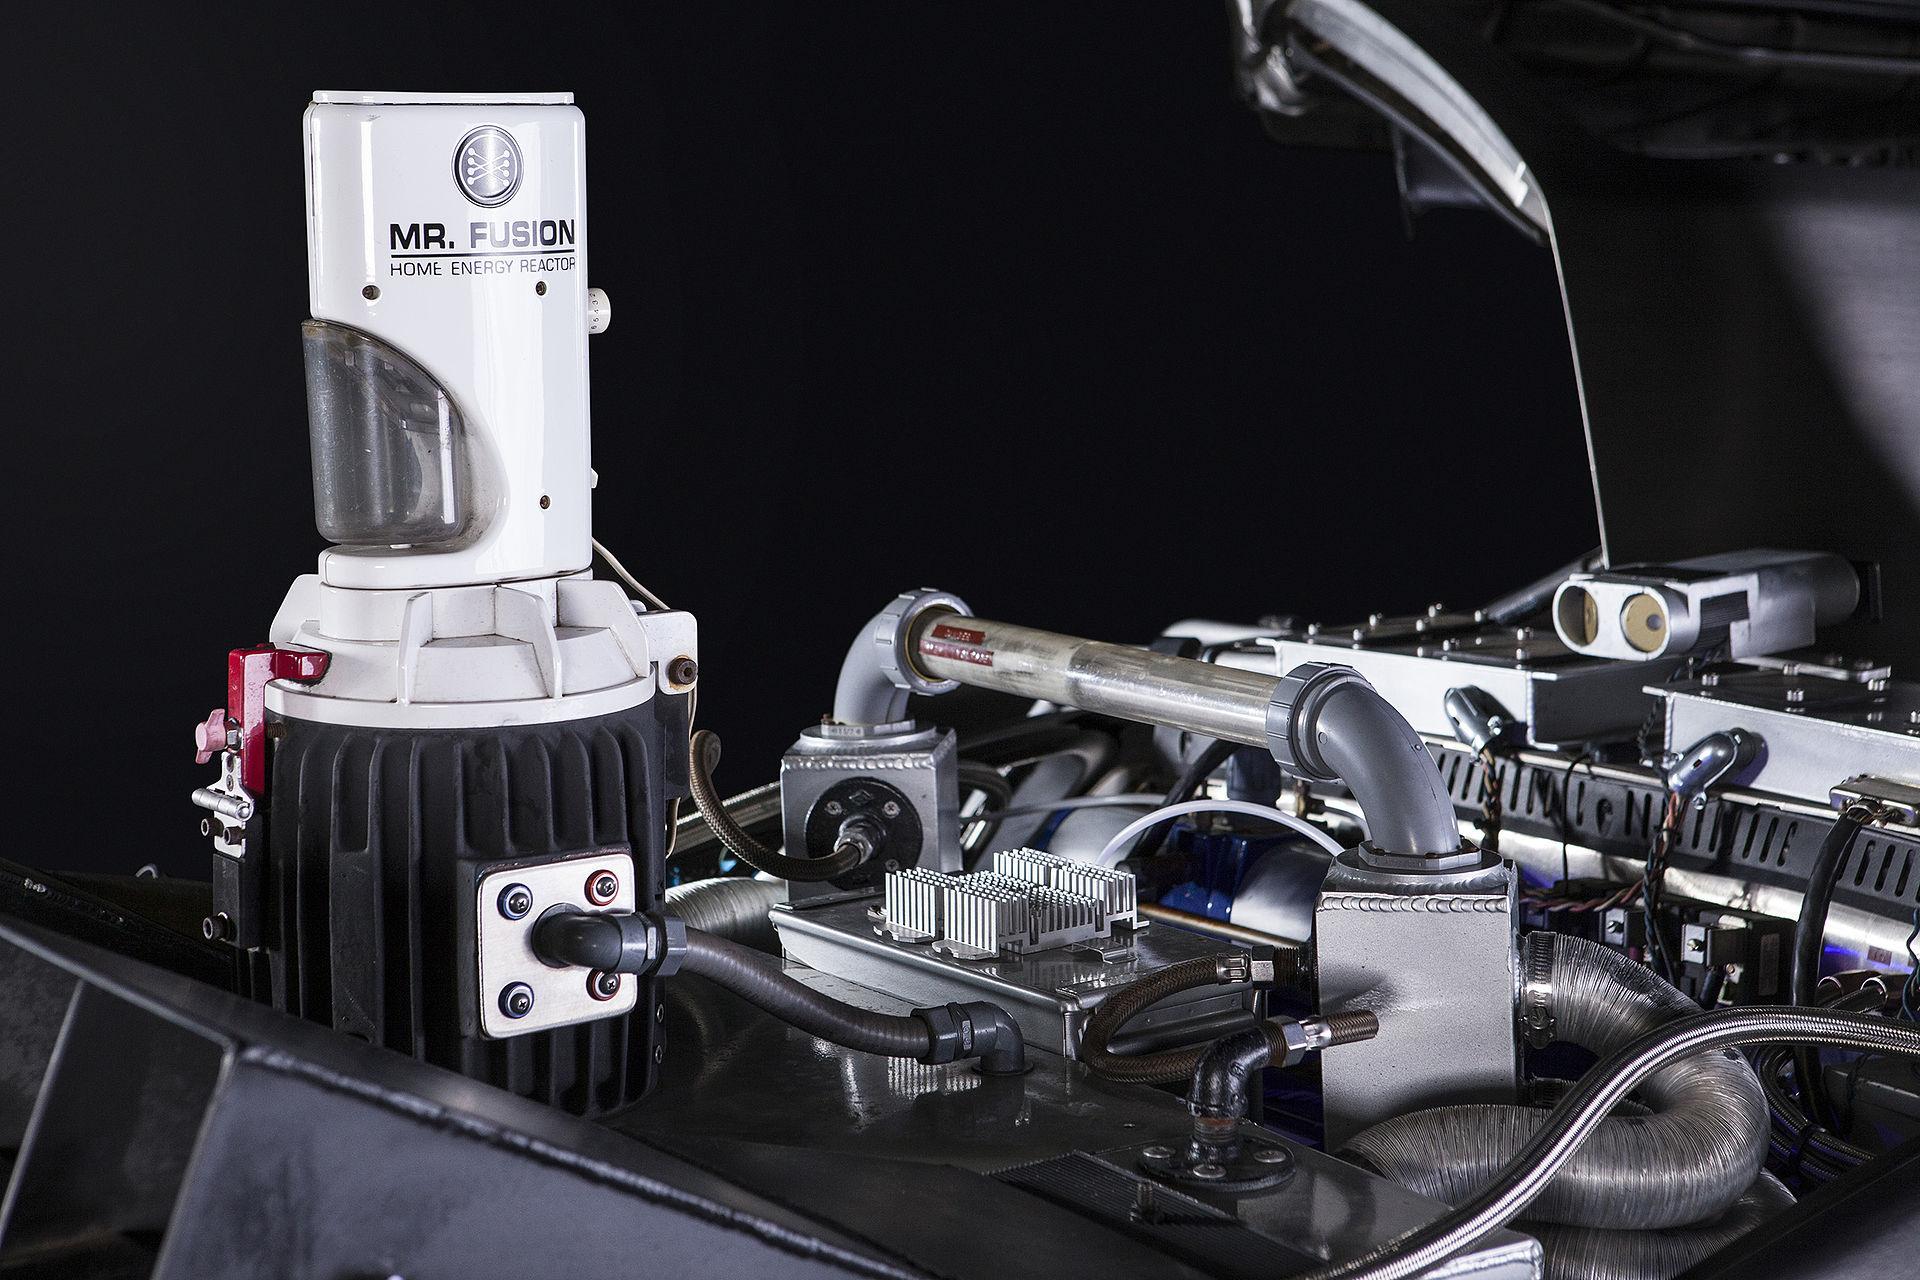 1920px-TeamTimeCar.com-BTTF_DeLorean_Time_Machine-OtoGodfrey.com-JMortonPhoto.com-03.jpg